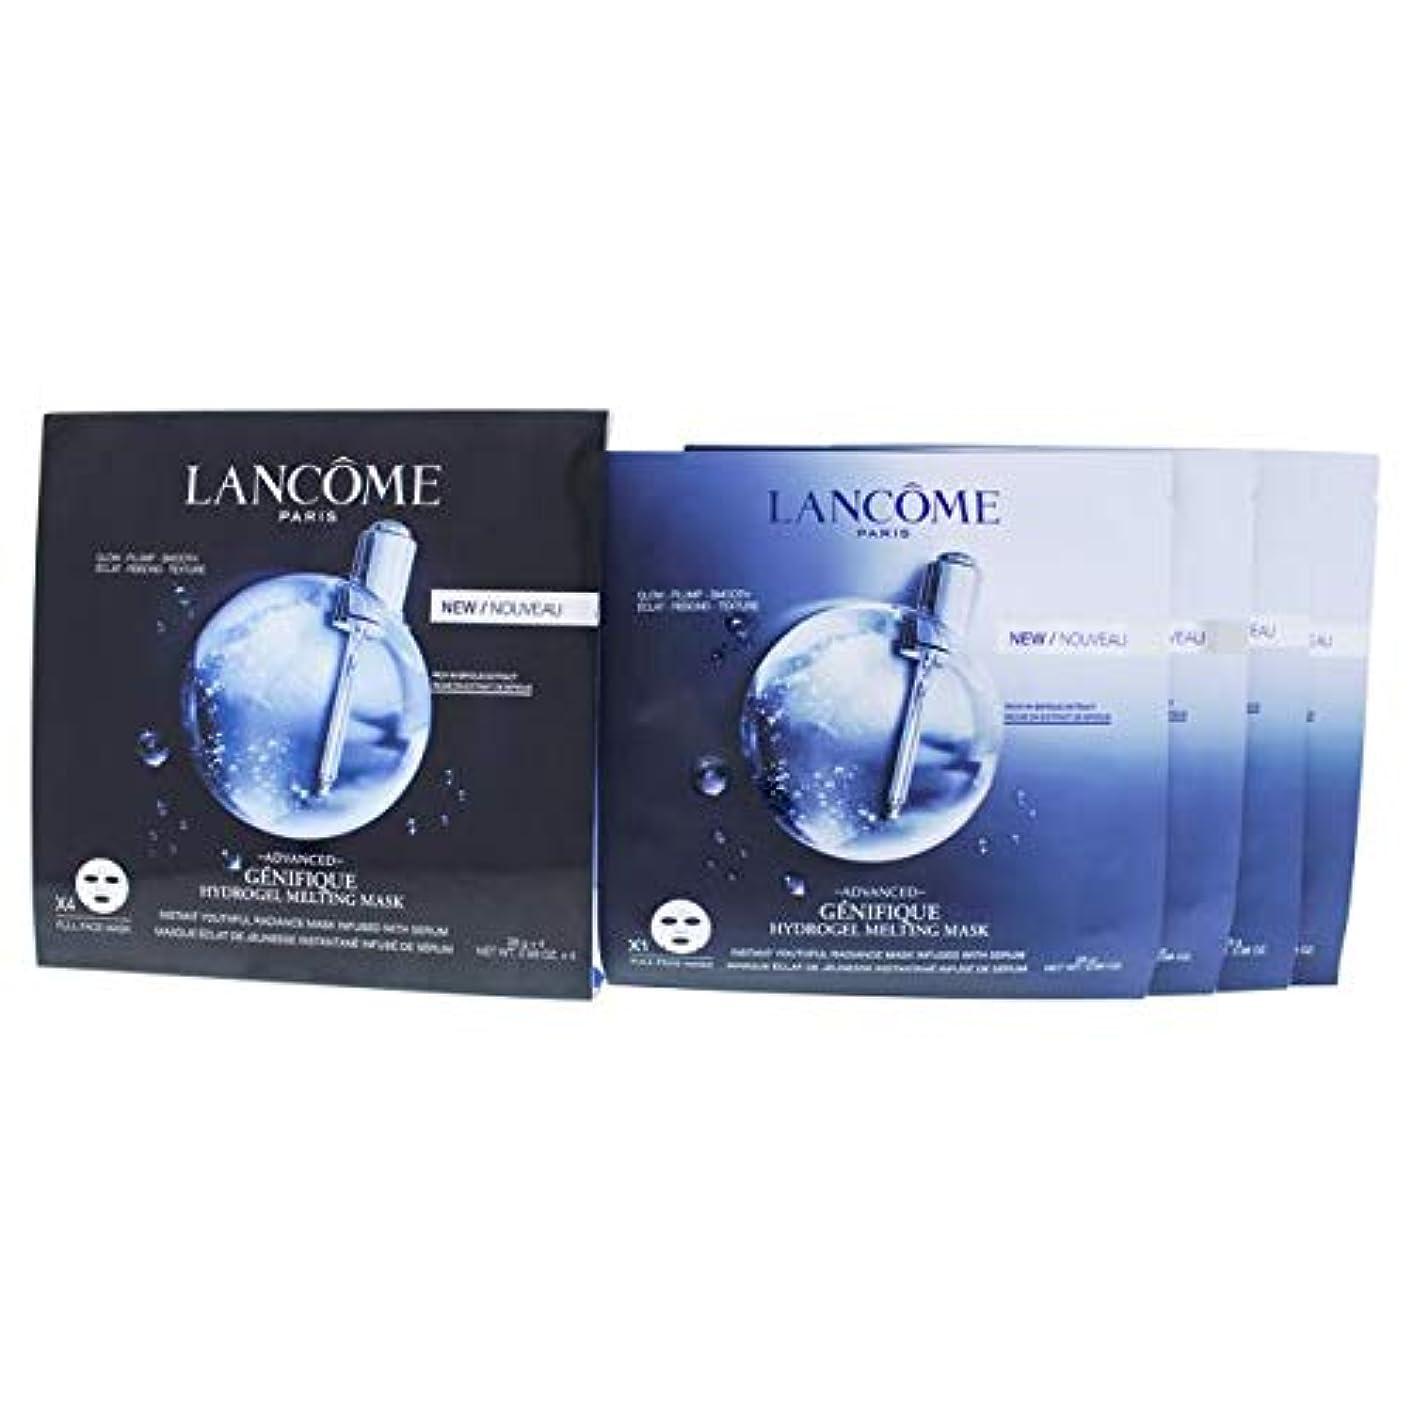 トレーニング免除する解放するランコム Genifique Advanced Hydrogel Melting Mask 4sheets並行輸入品